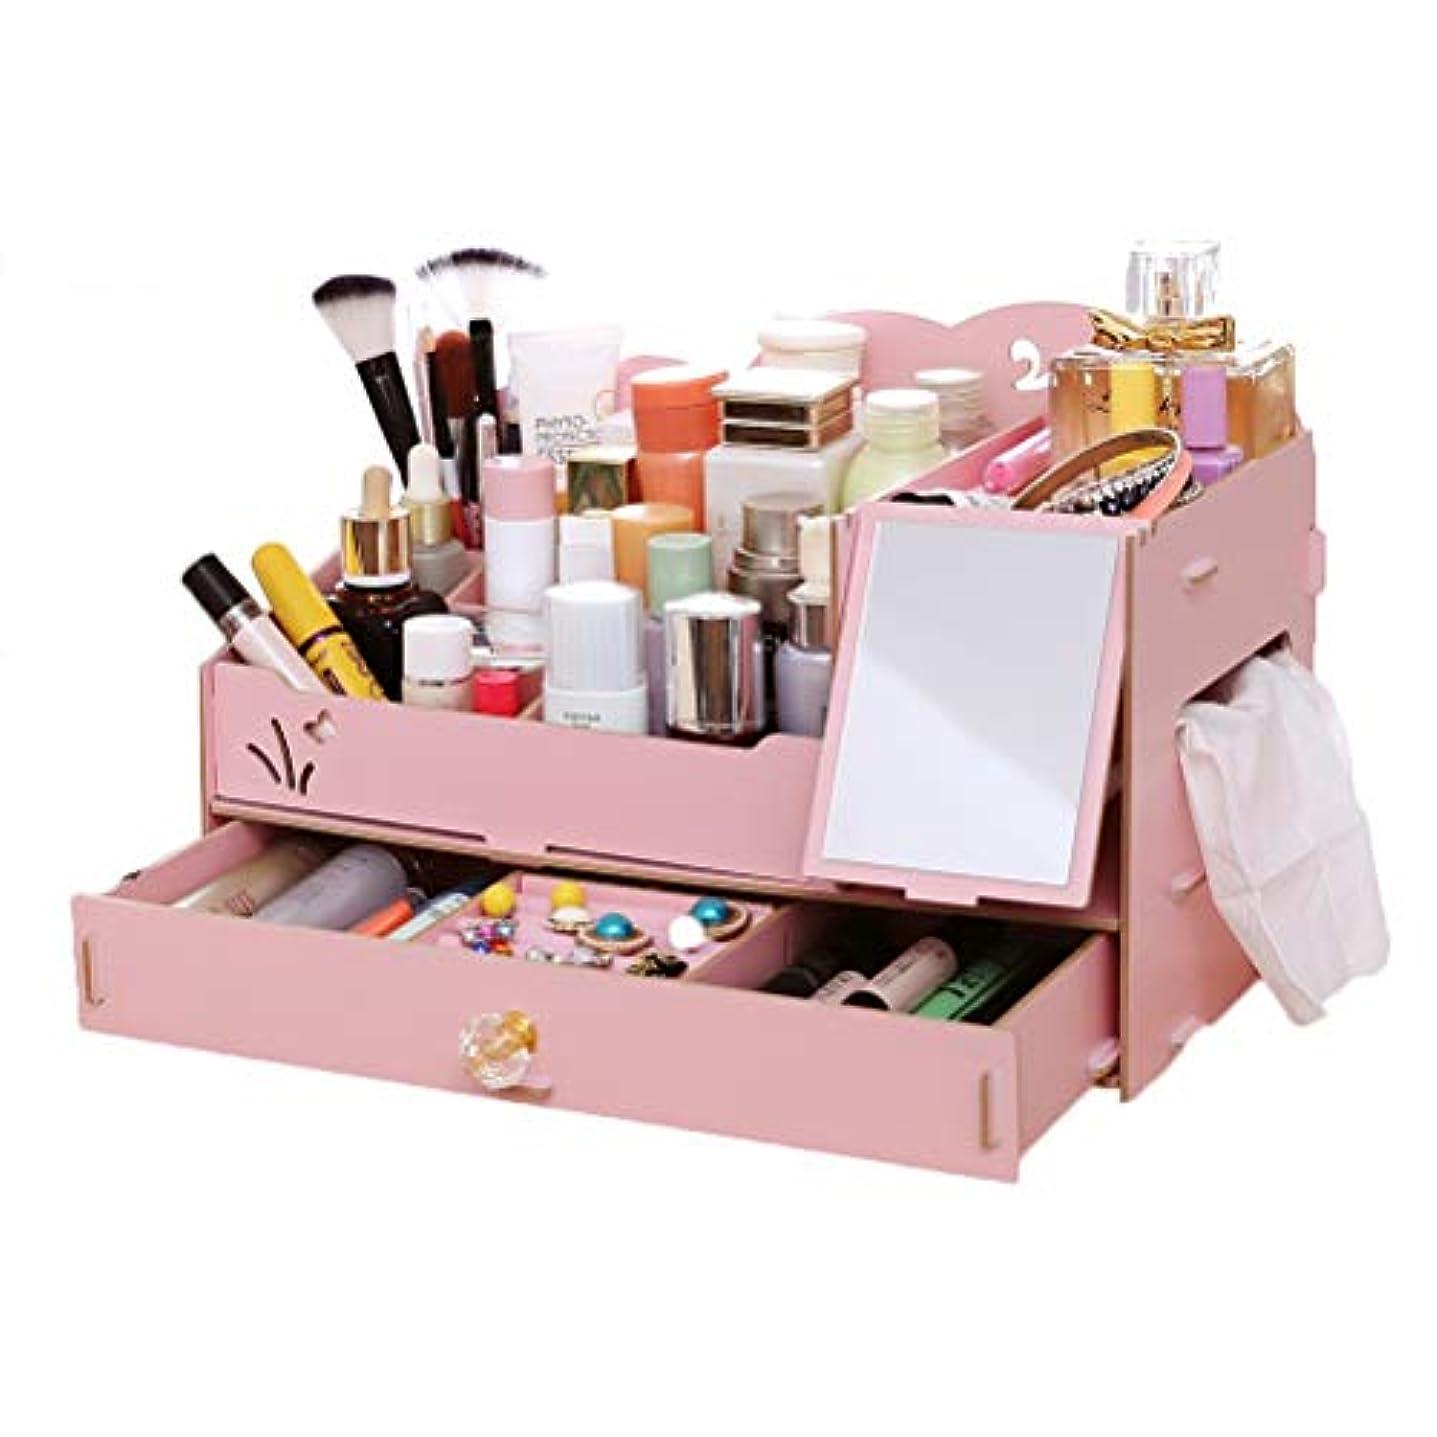 研究所フルーティーだらしないコスメボックス ティッシュボックス 鏡付き 引き出し イヤリング 化粧品収納 大容量 コスメスタンド 組み立て 多機能 雑貨 卓上収納 おしゃれ 木製 DIY ホーム 便利 アクセサリーケース ピンク